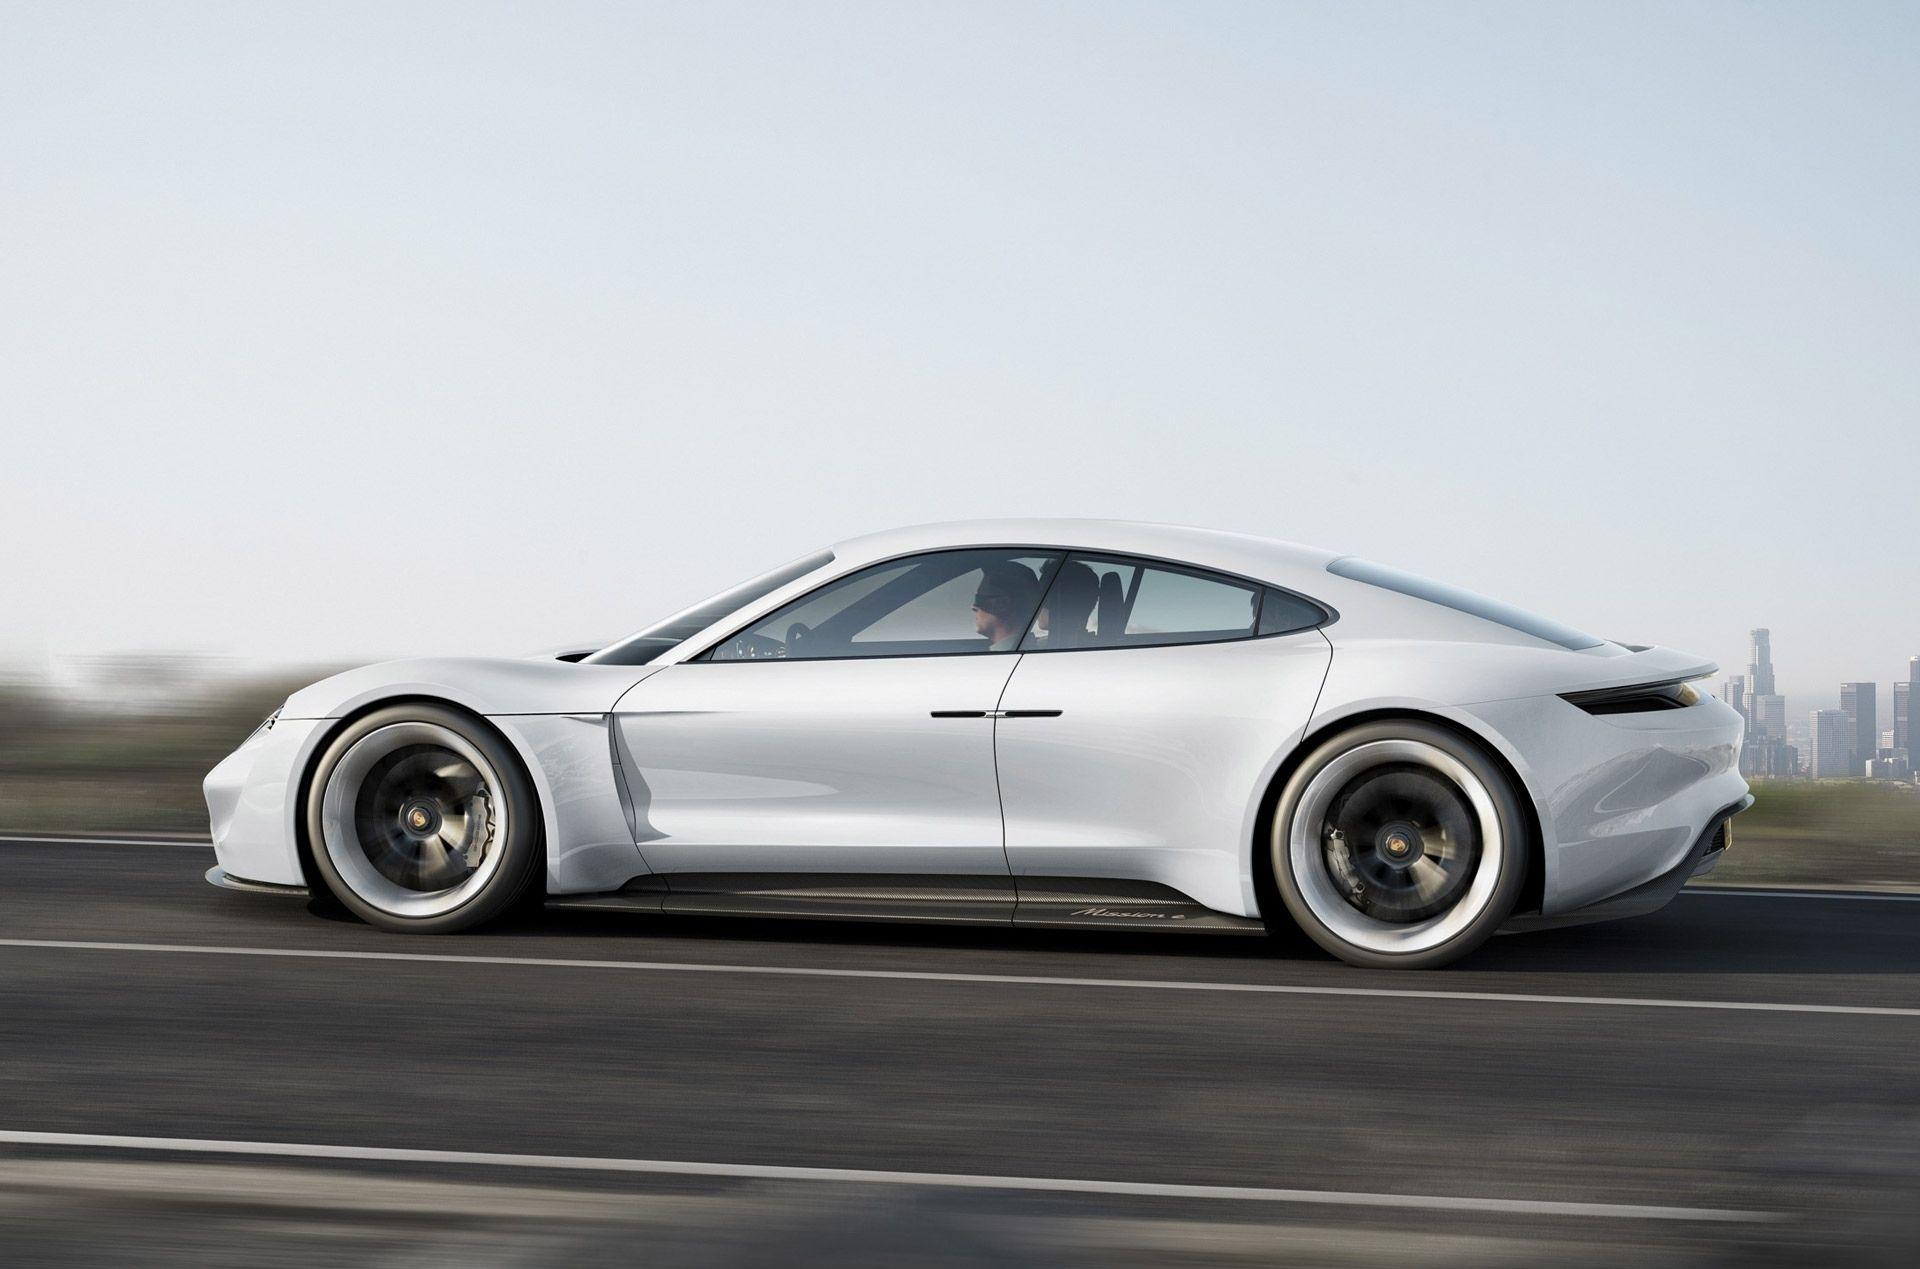 New 2019 Porsche 928 Review Porsche mission, Mission e